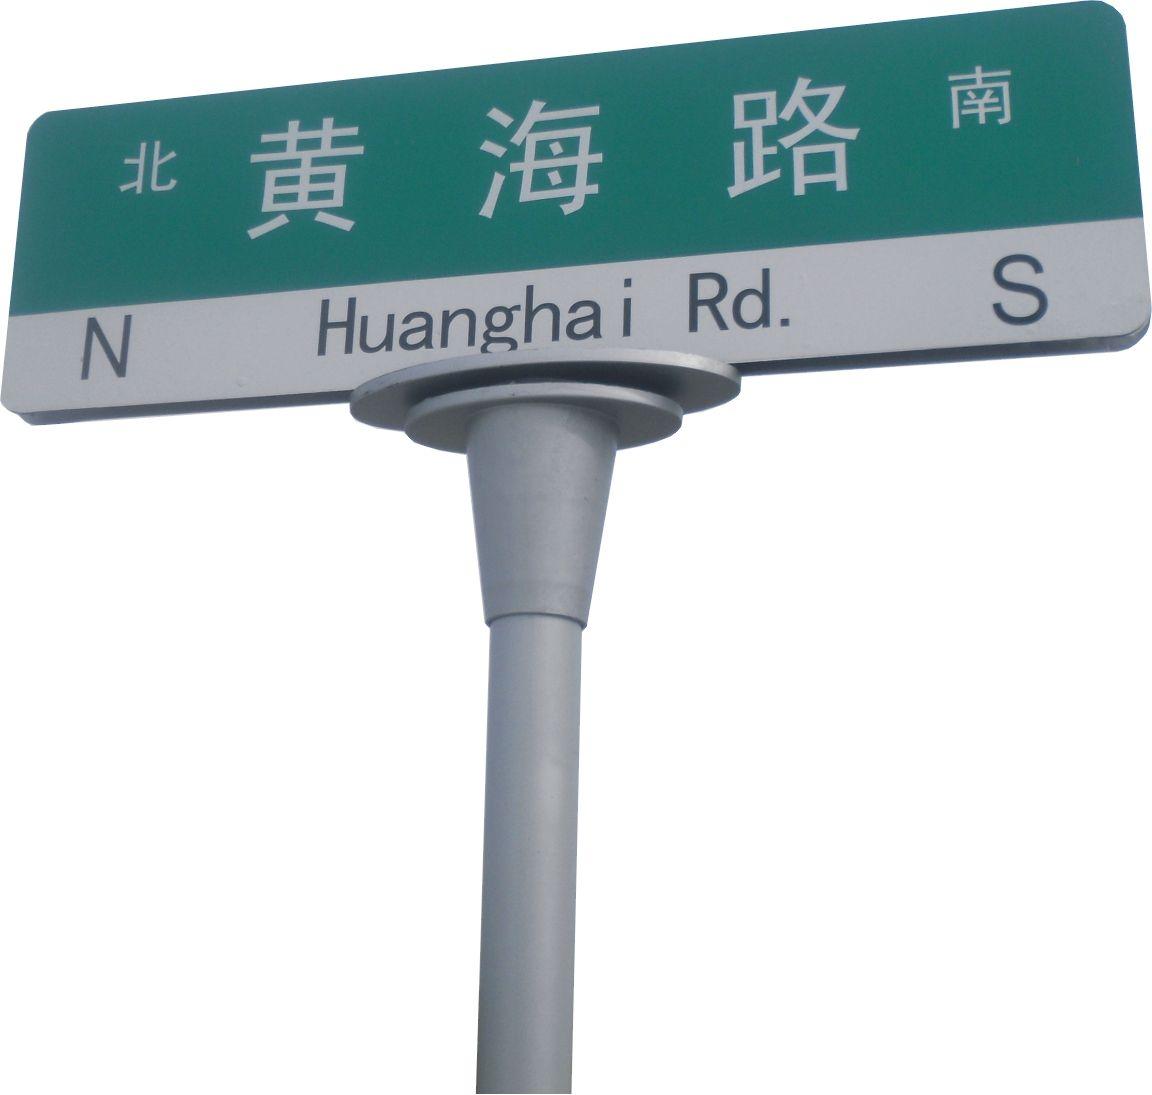 聊城T型路名牌哪个牌子好?